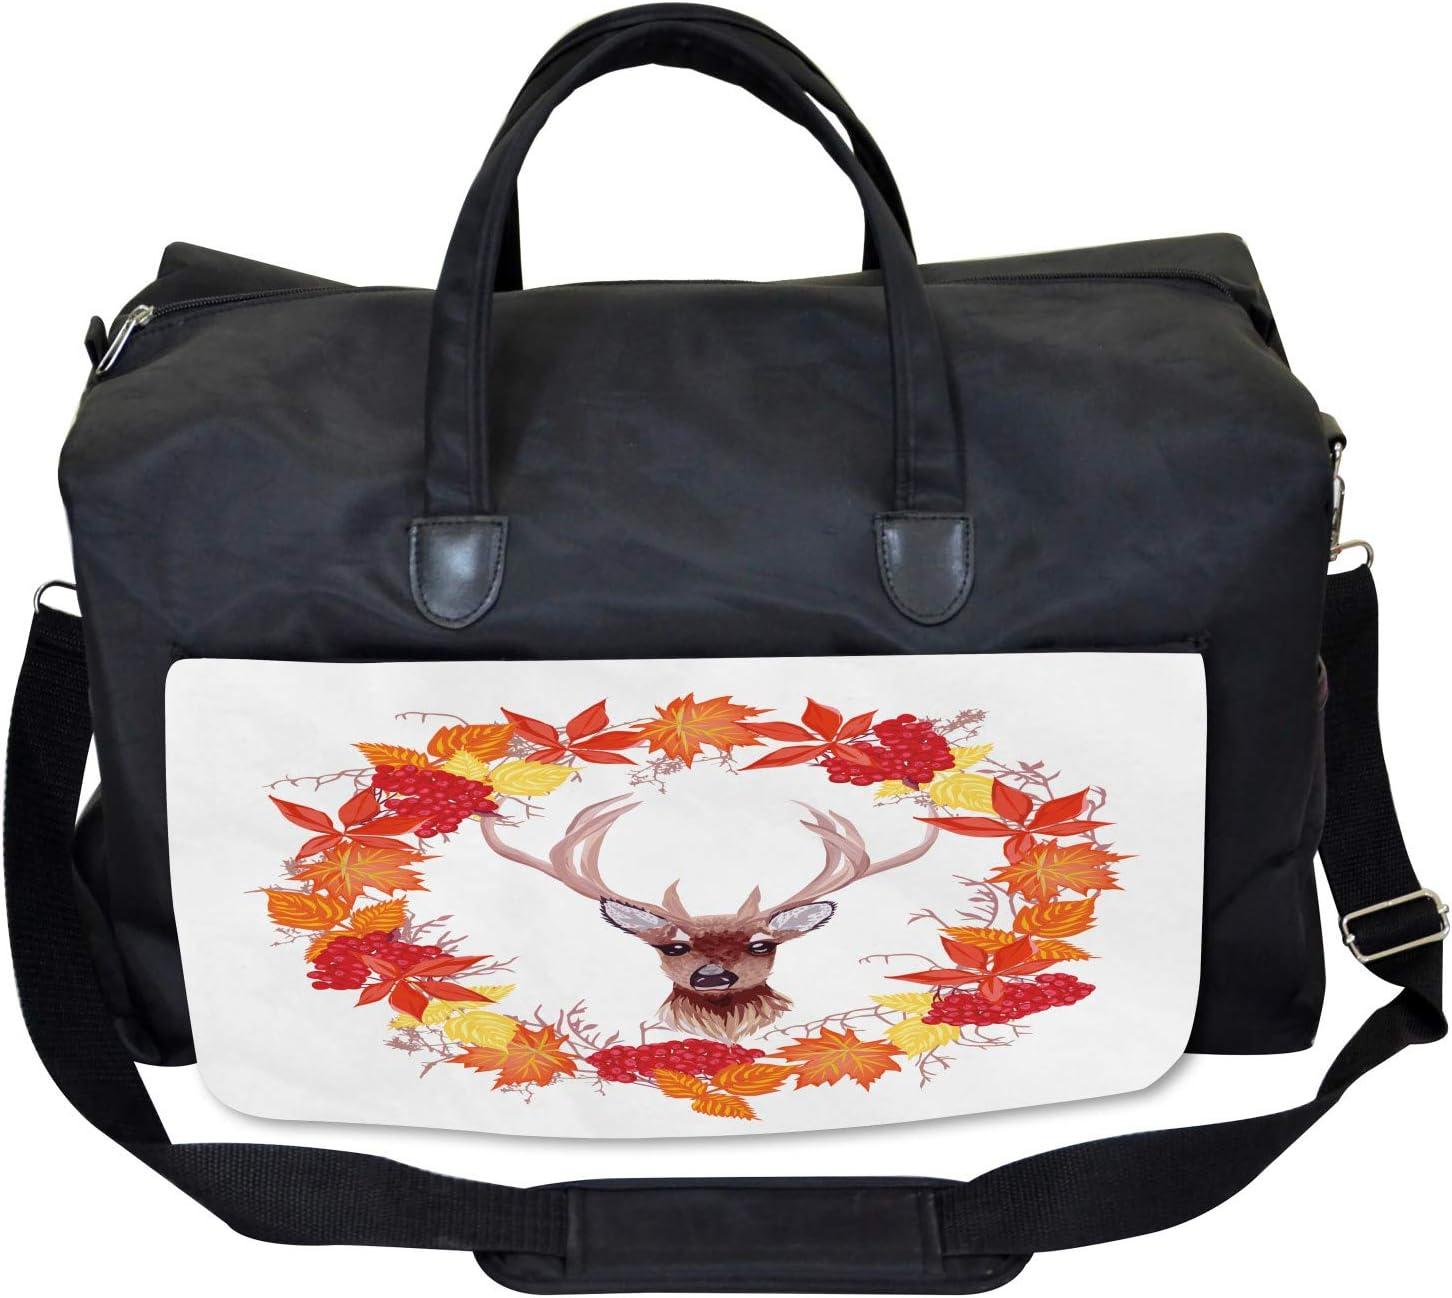 Autumn Leaves Wreath Art Large Weekender Carry-on Ambesonne Deer Gym Bag